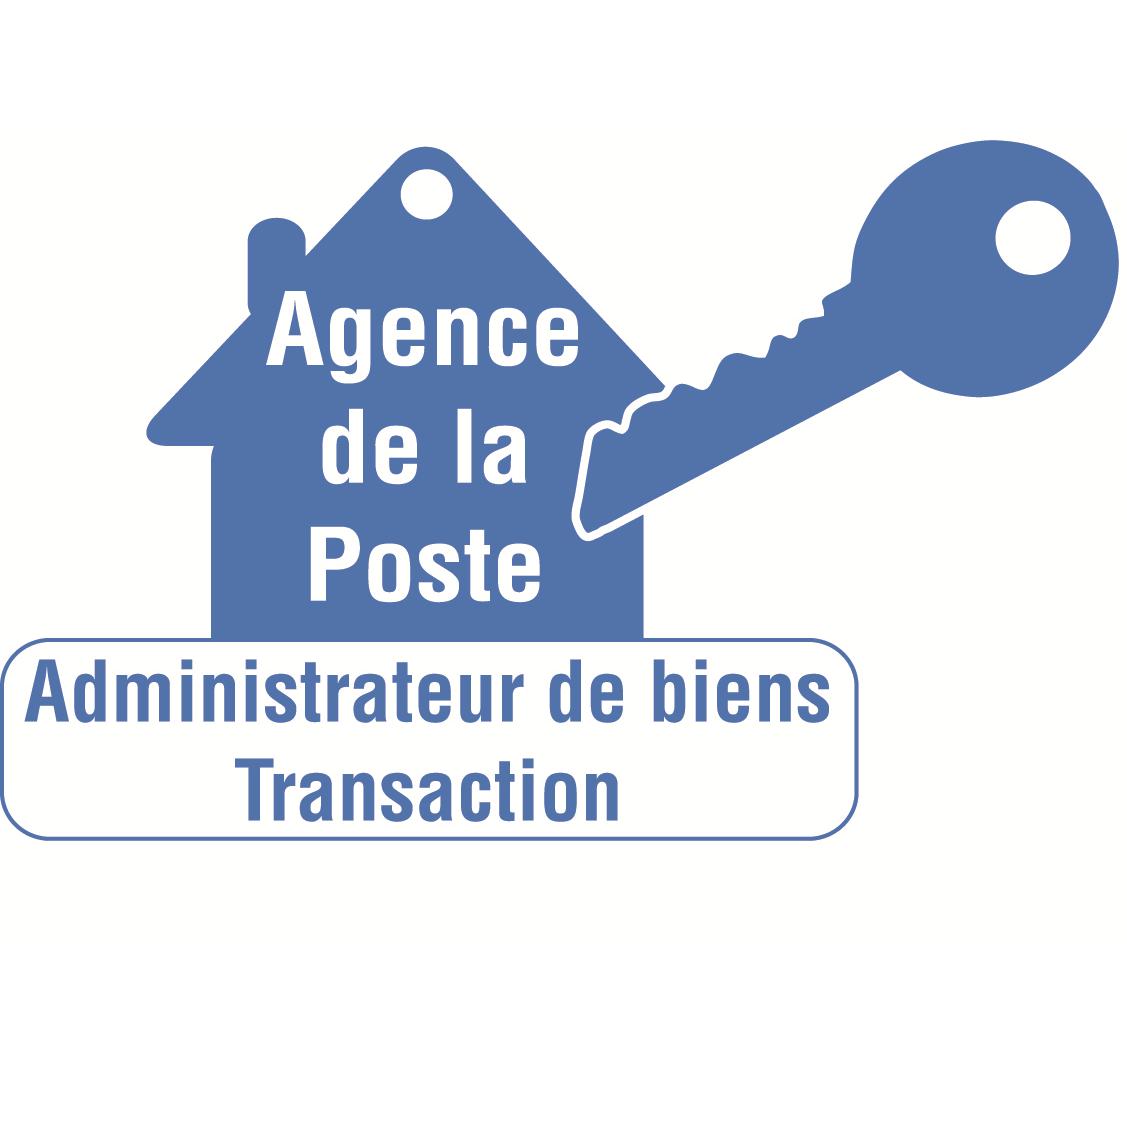 Image de l'agence Agence de la Poste